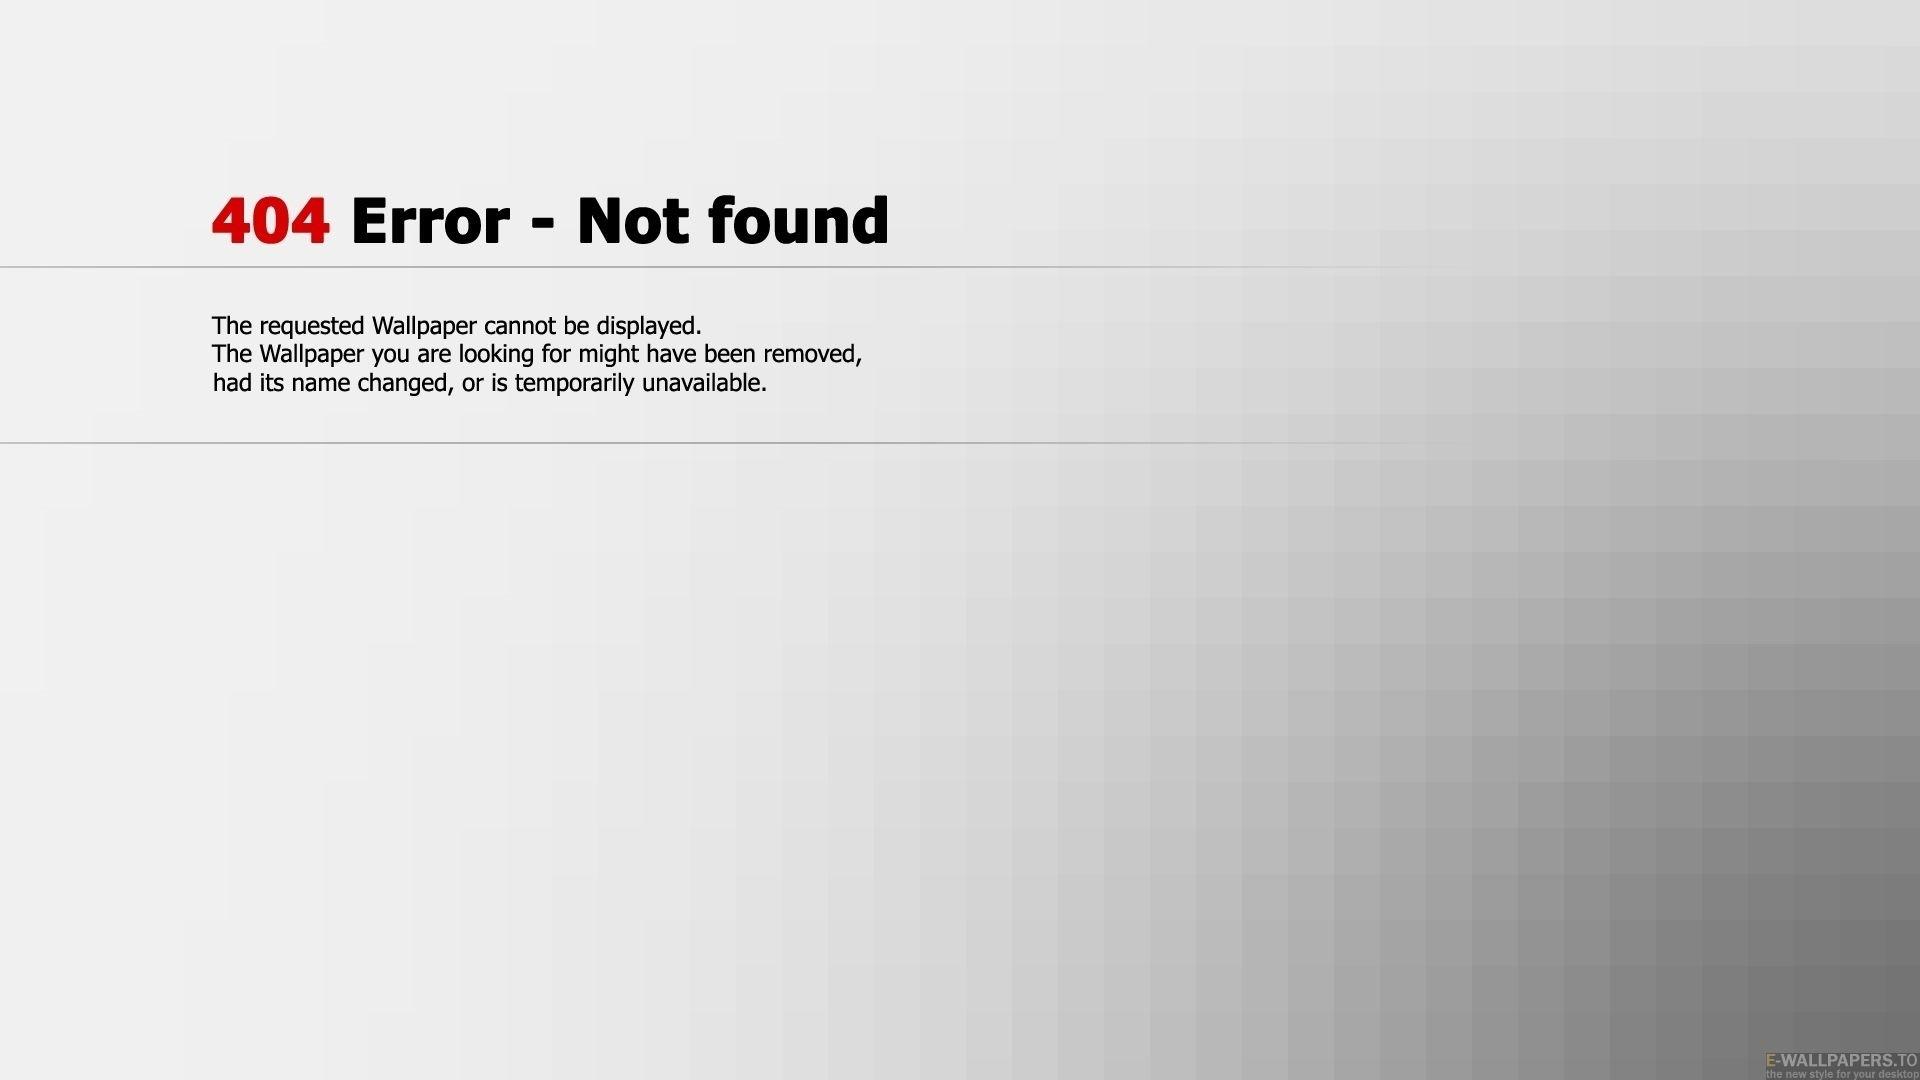 Error 404 Wallpaper for pc